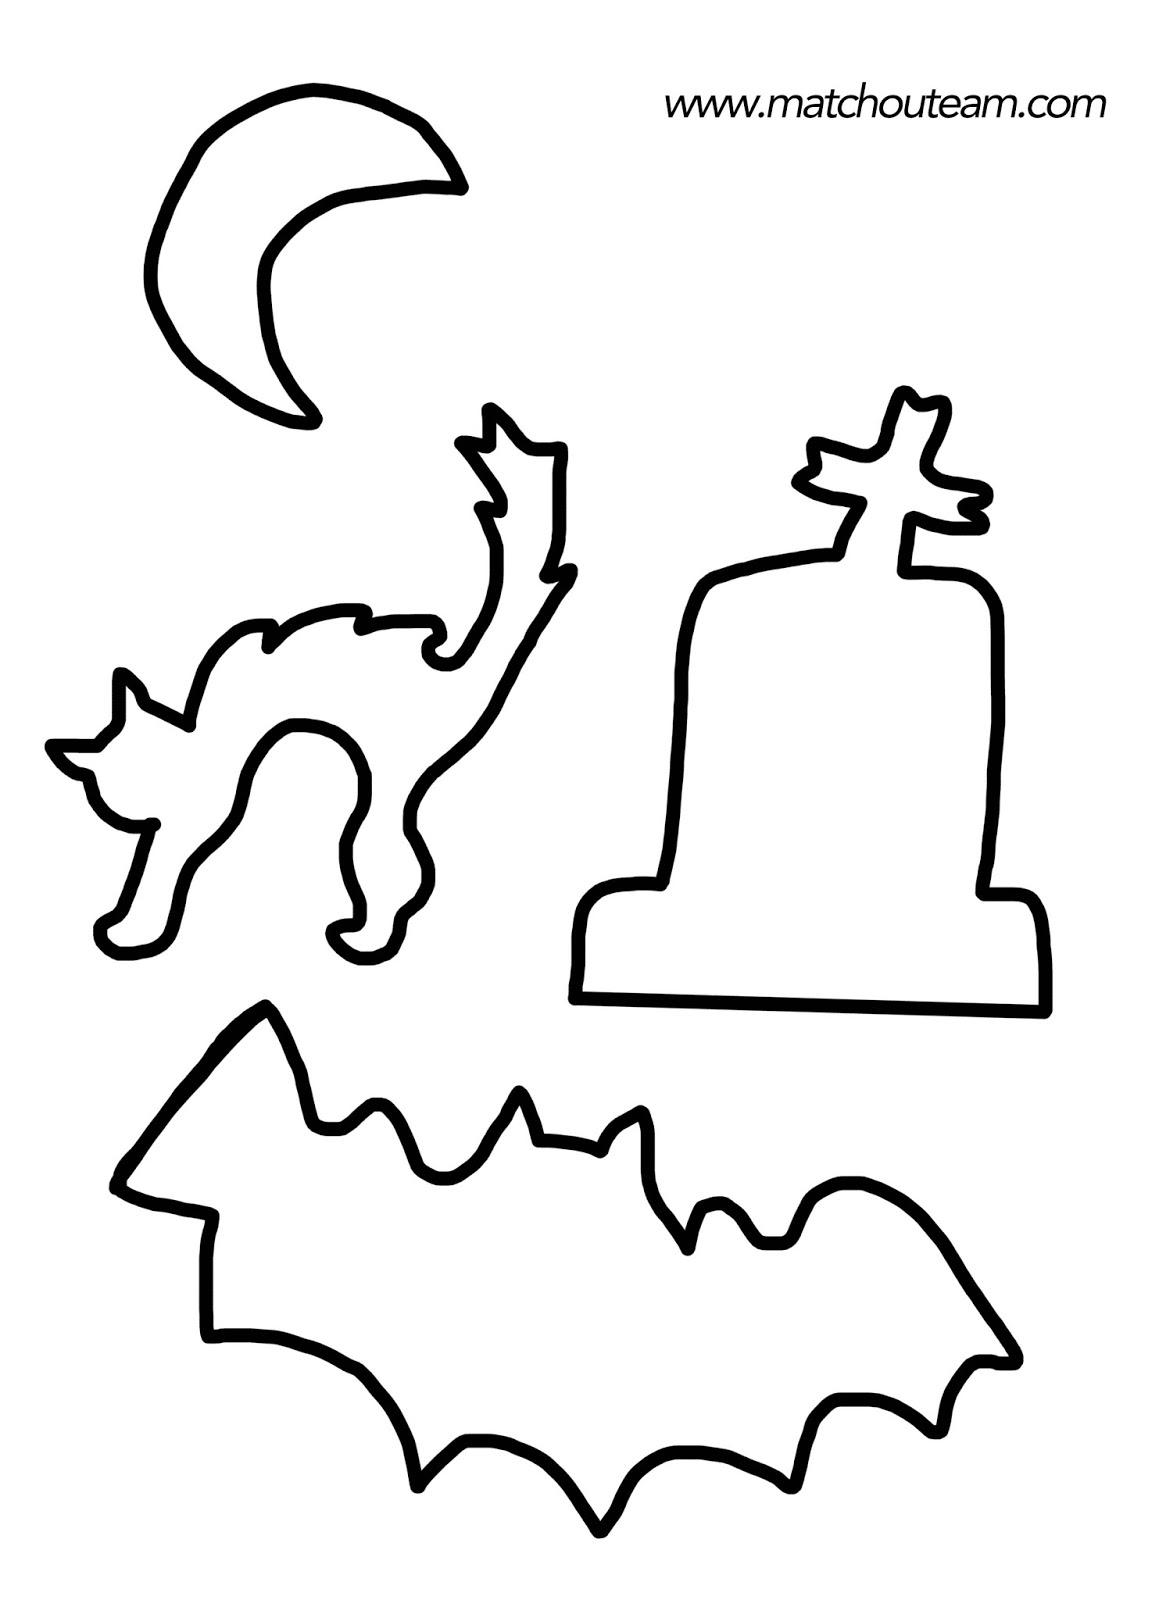 Ma tchou team pochoirs imprimer pour halloween - Pochoir deco gratuit a imprimer ...